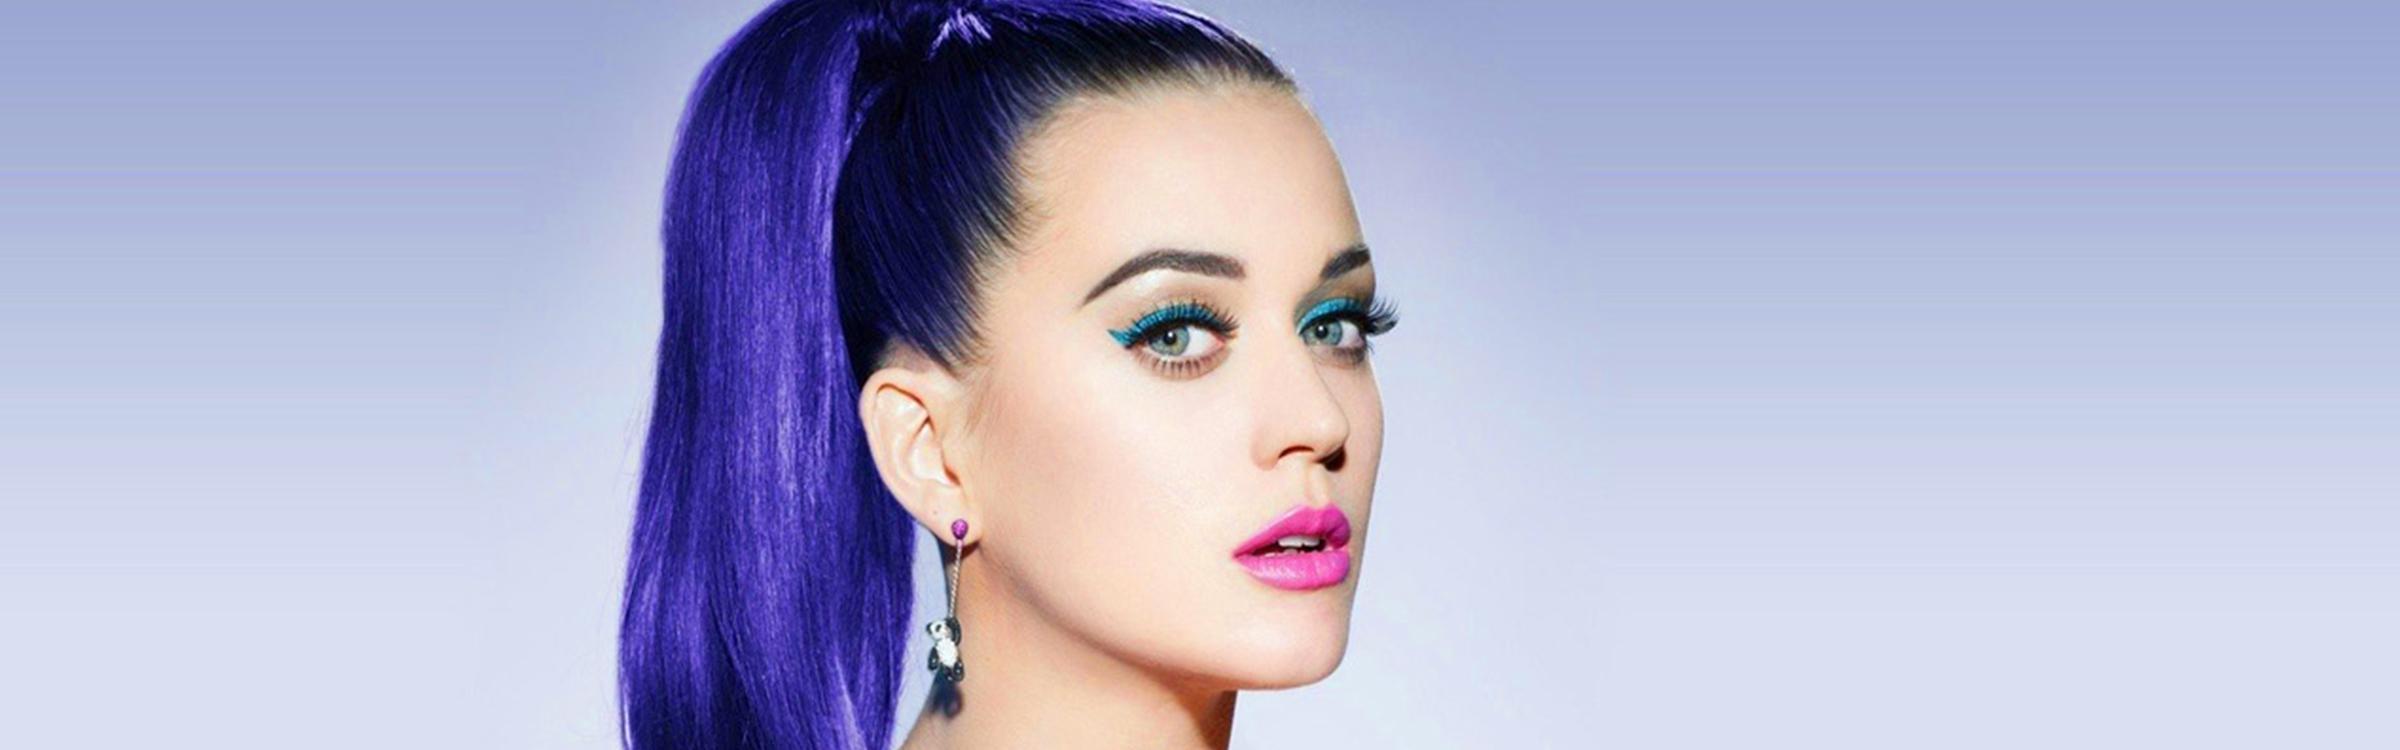 Katy perry header